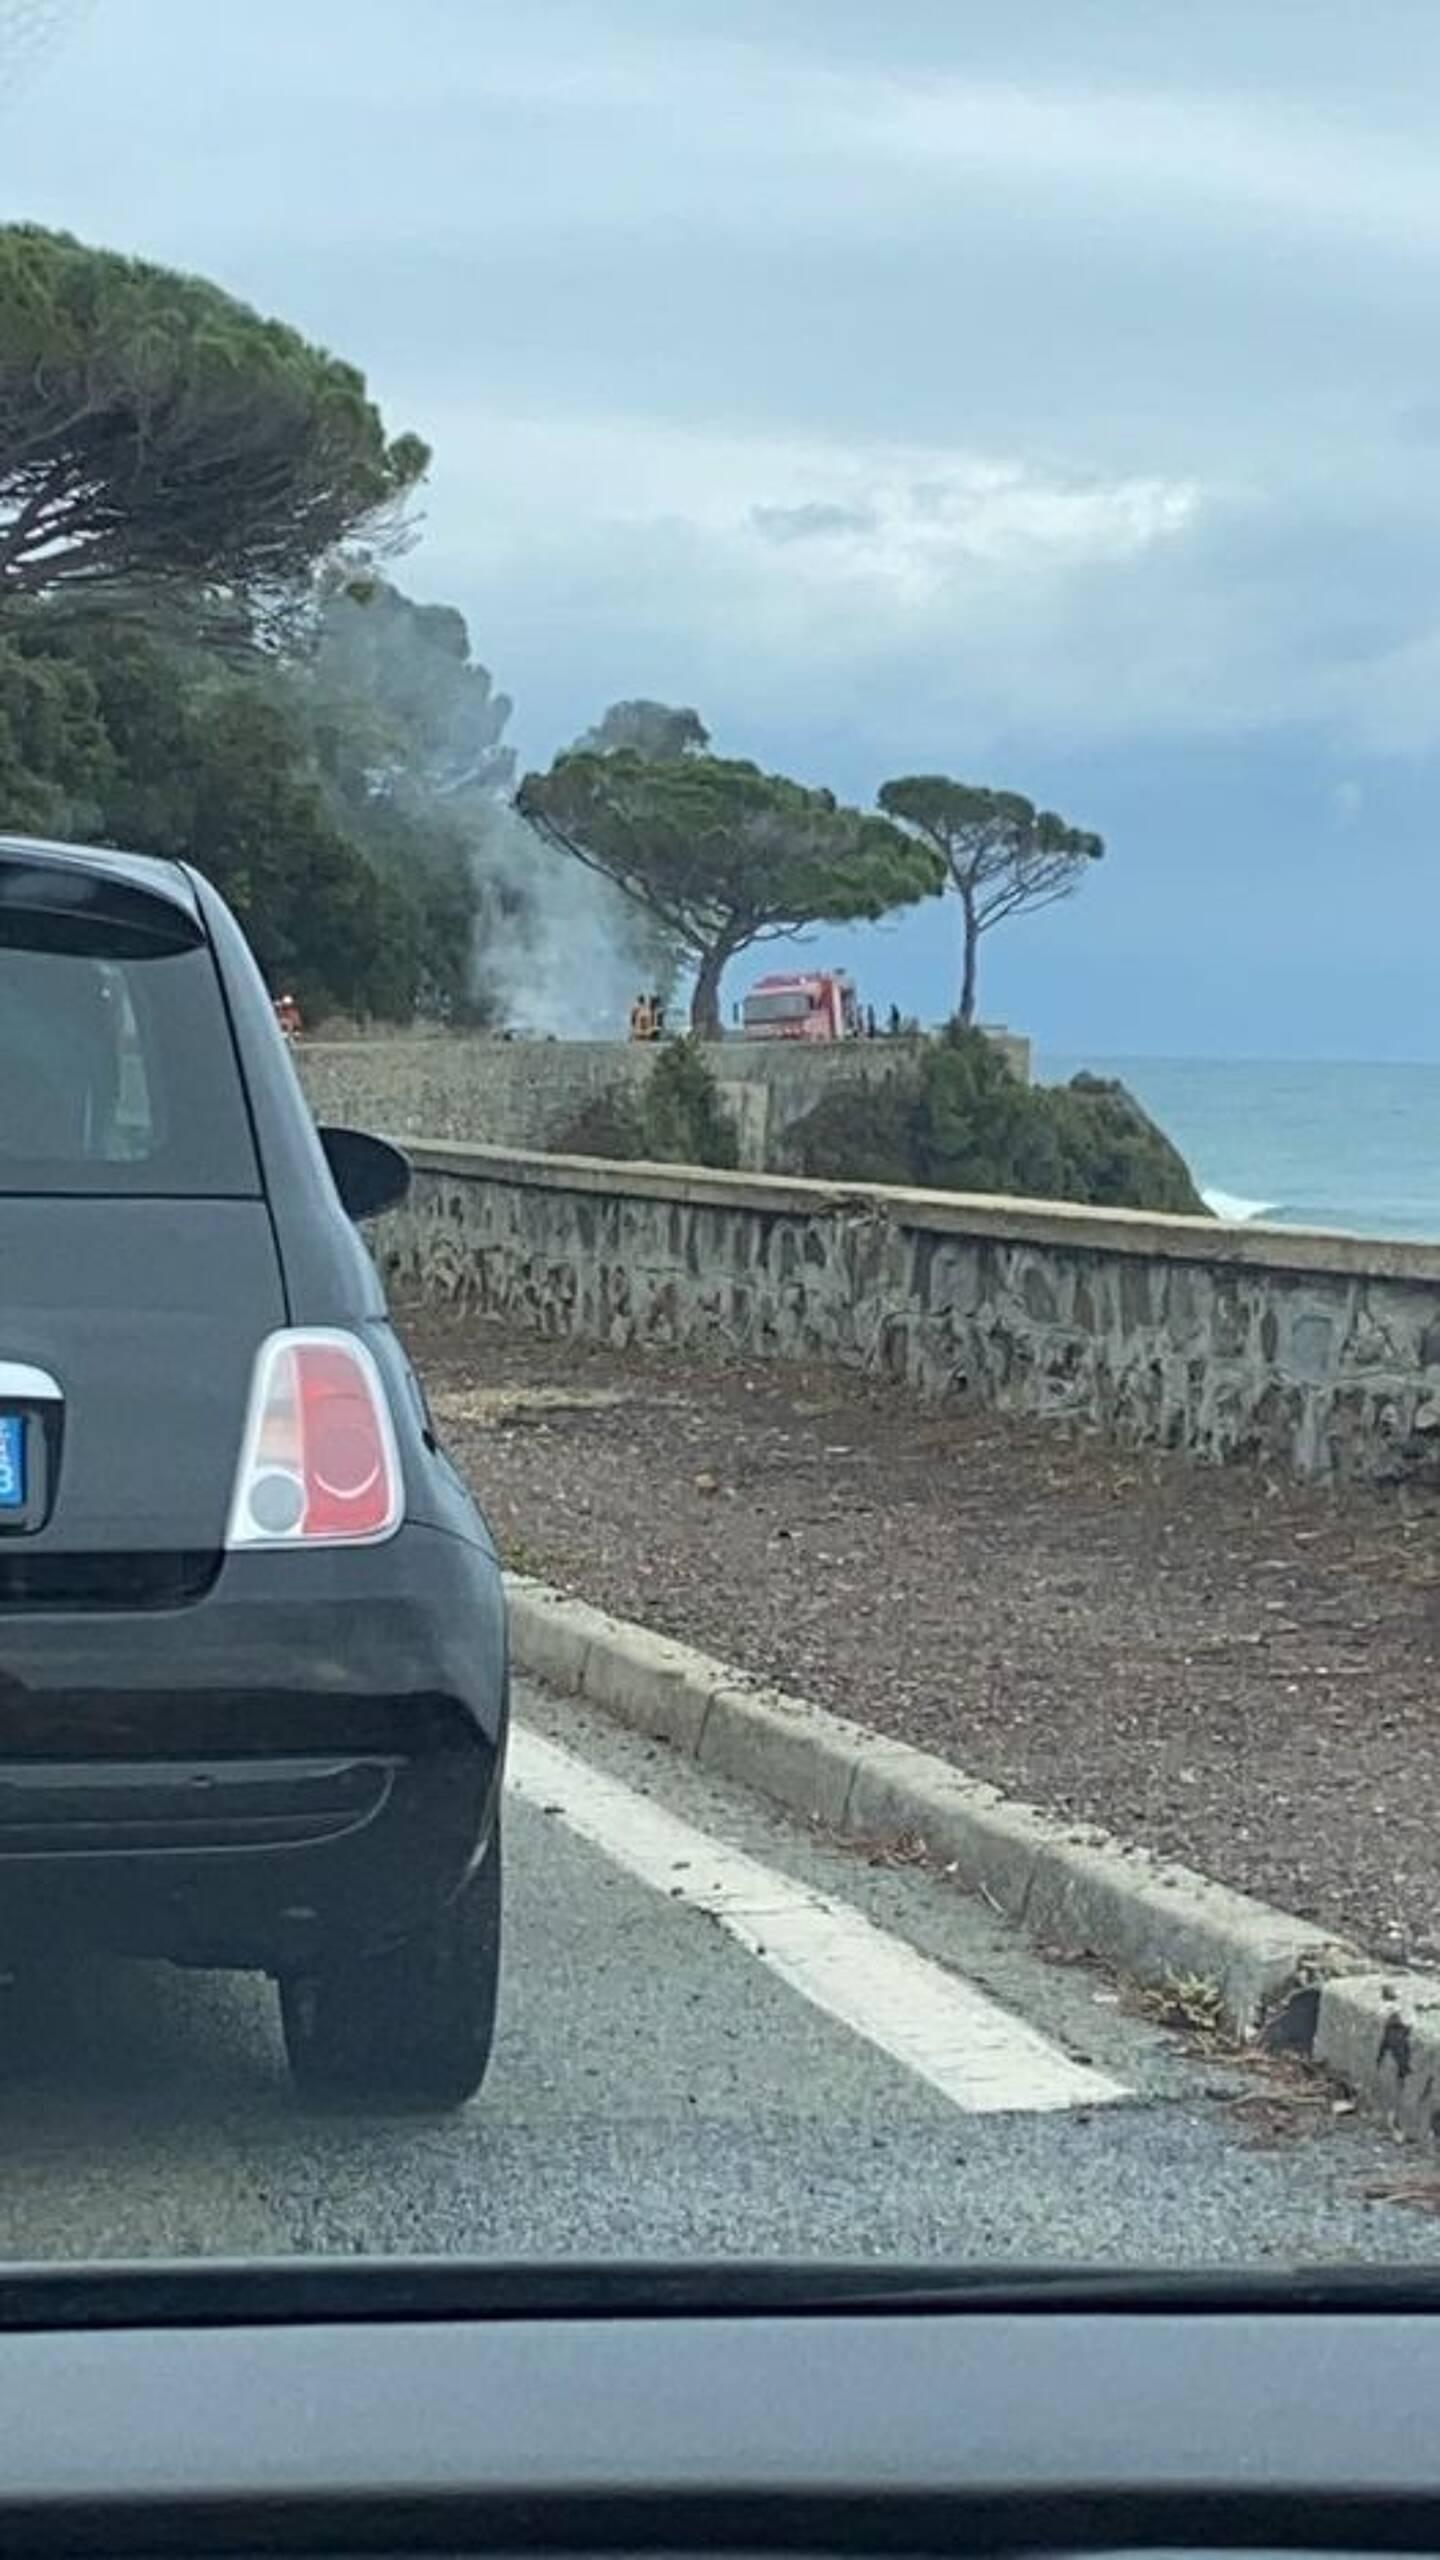 L'intervention a nécessité la mobilisation de près d'une quinzaine de pompiers ainsi que du Smur de Gassin-Saint-Tropez.